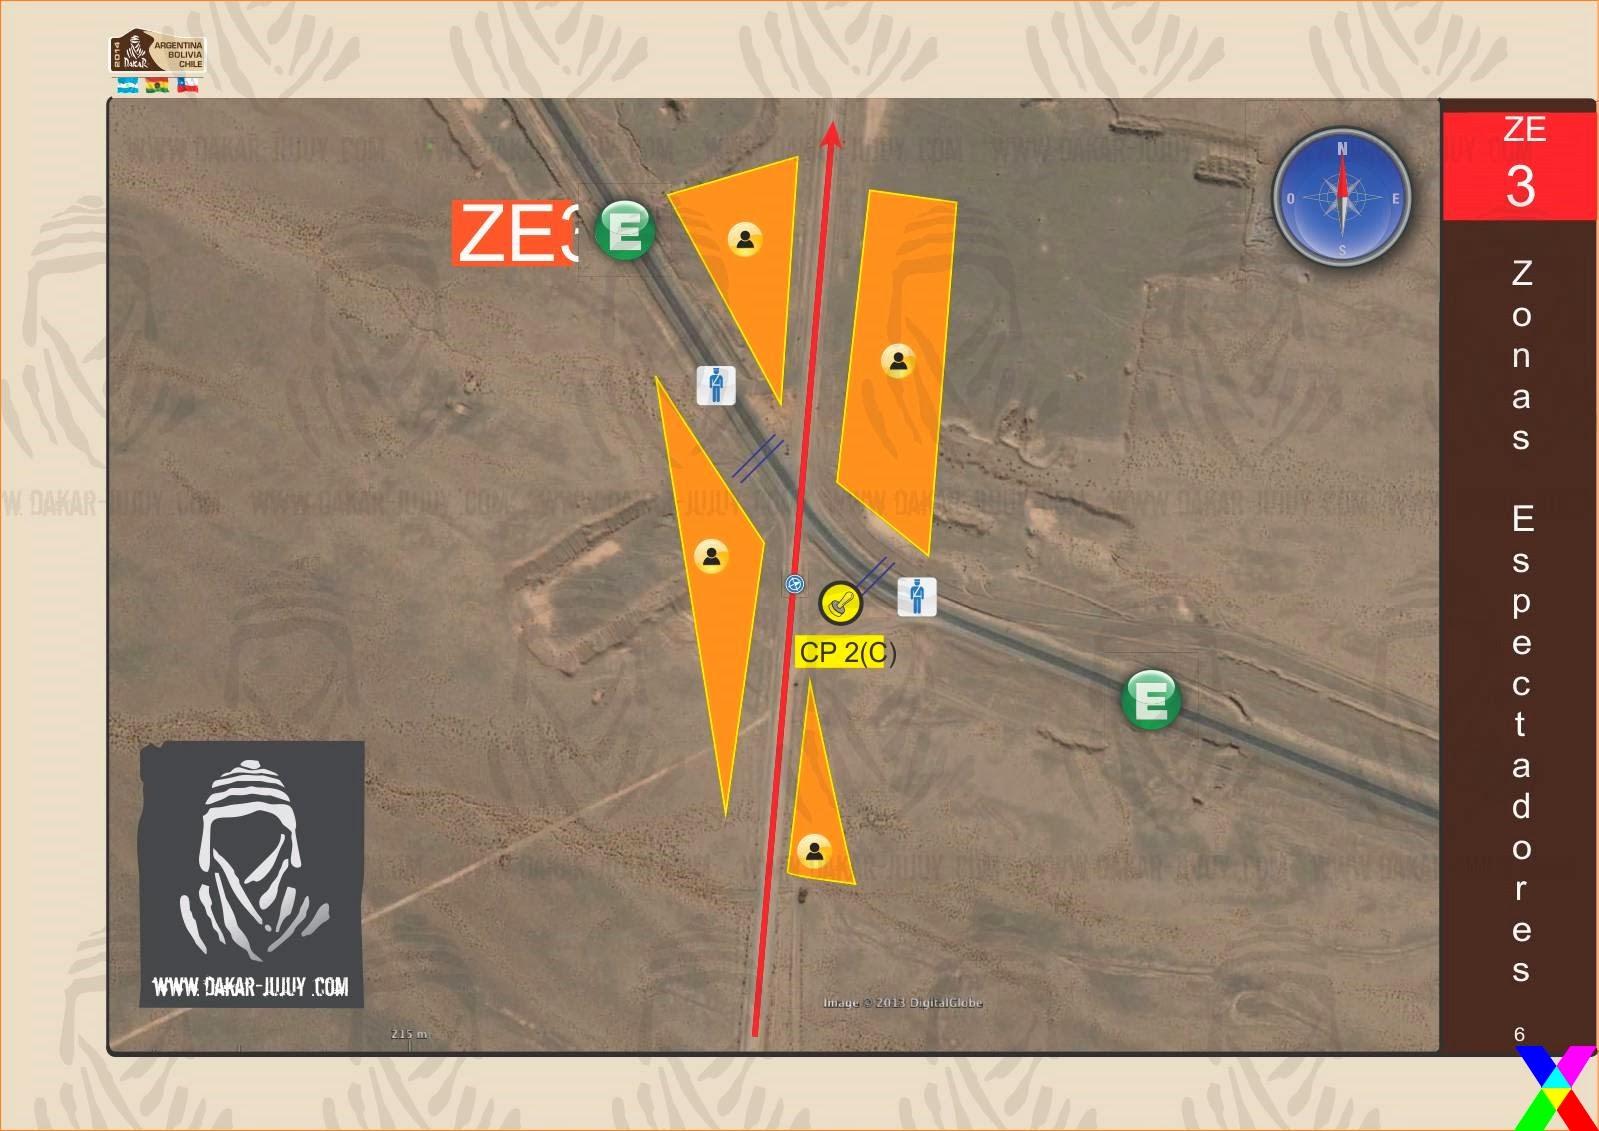 Zona de Espectadores 3 Jujuy - Dakar 2014